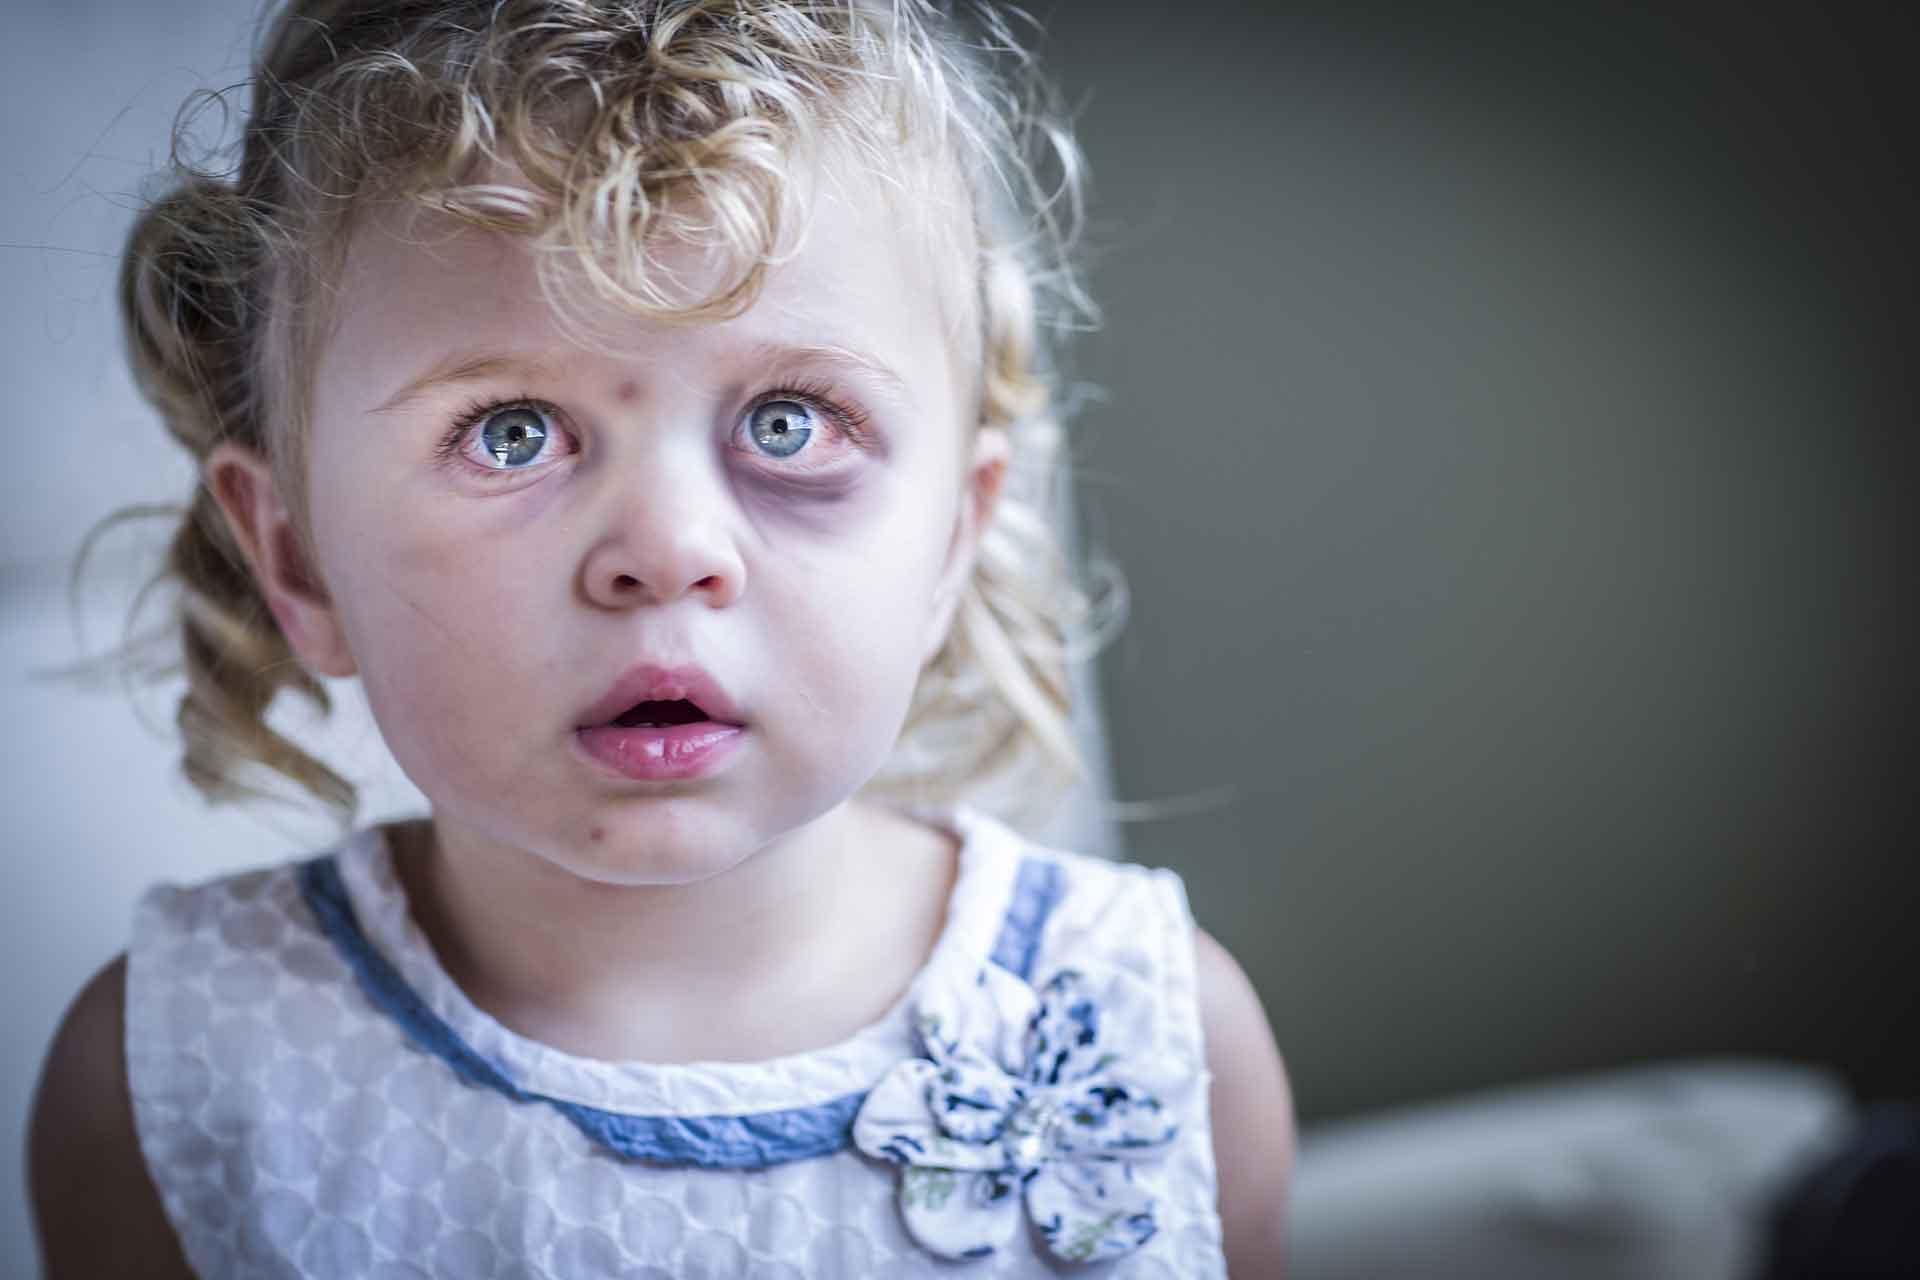 Spraakmakende strafzaken - Zware mishandeling baby's